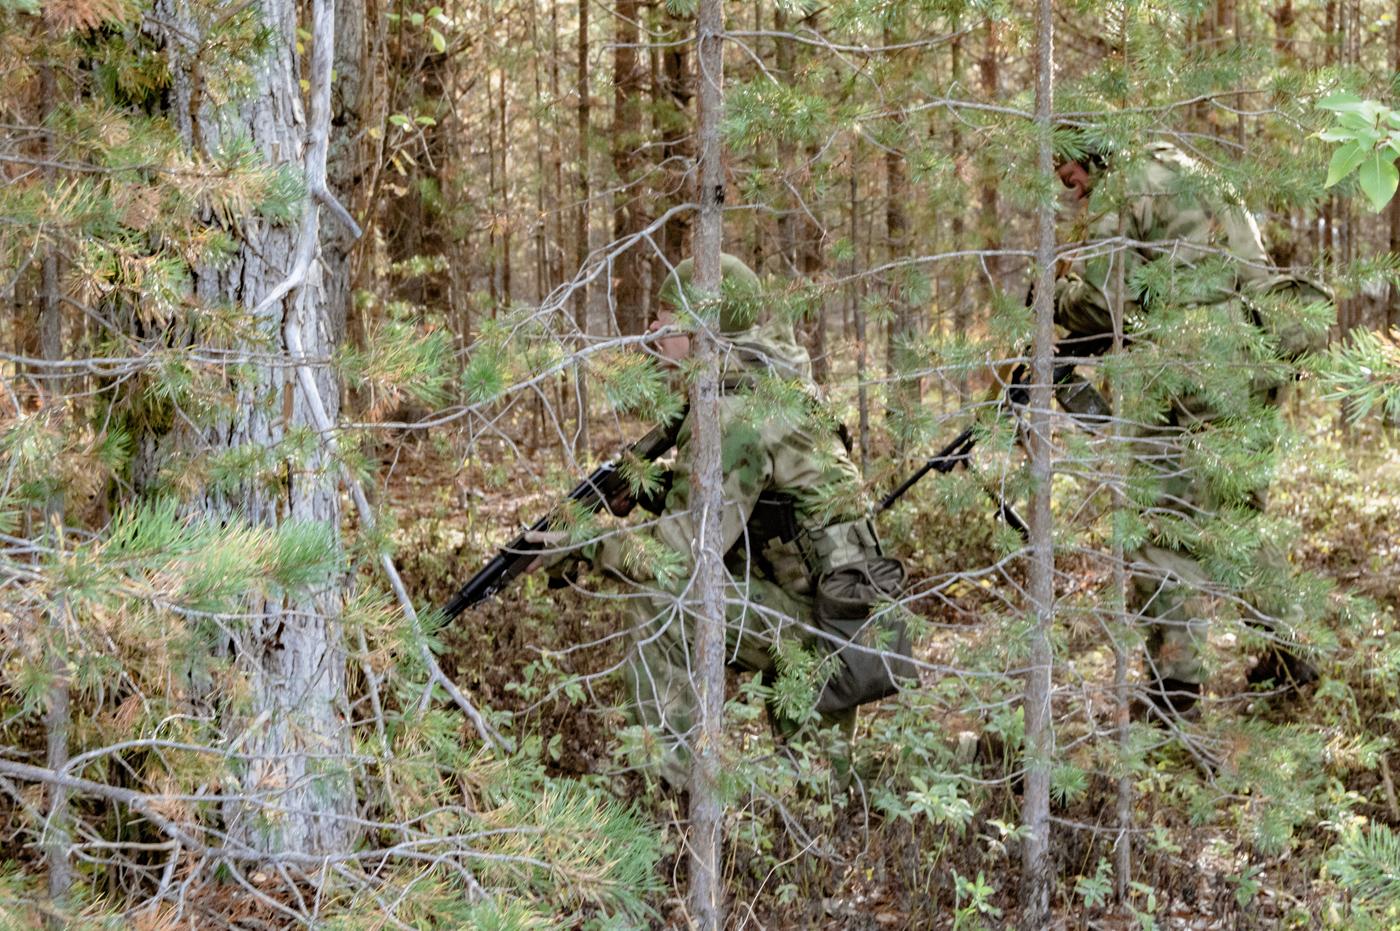 Засада пулеметчиков в лесу